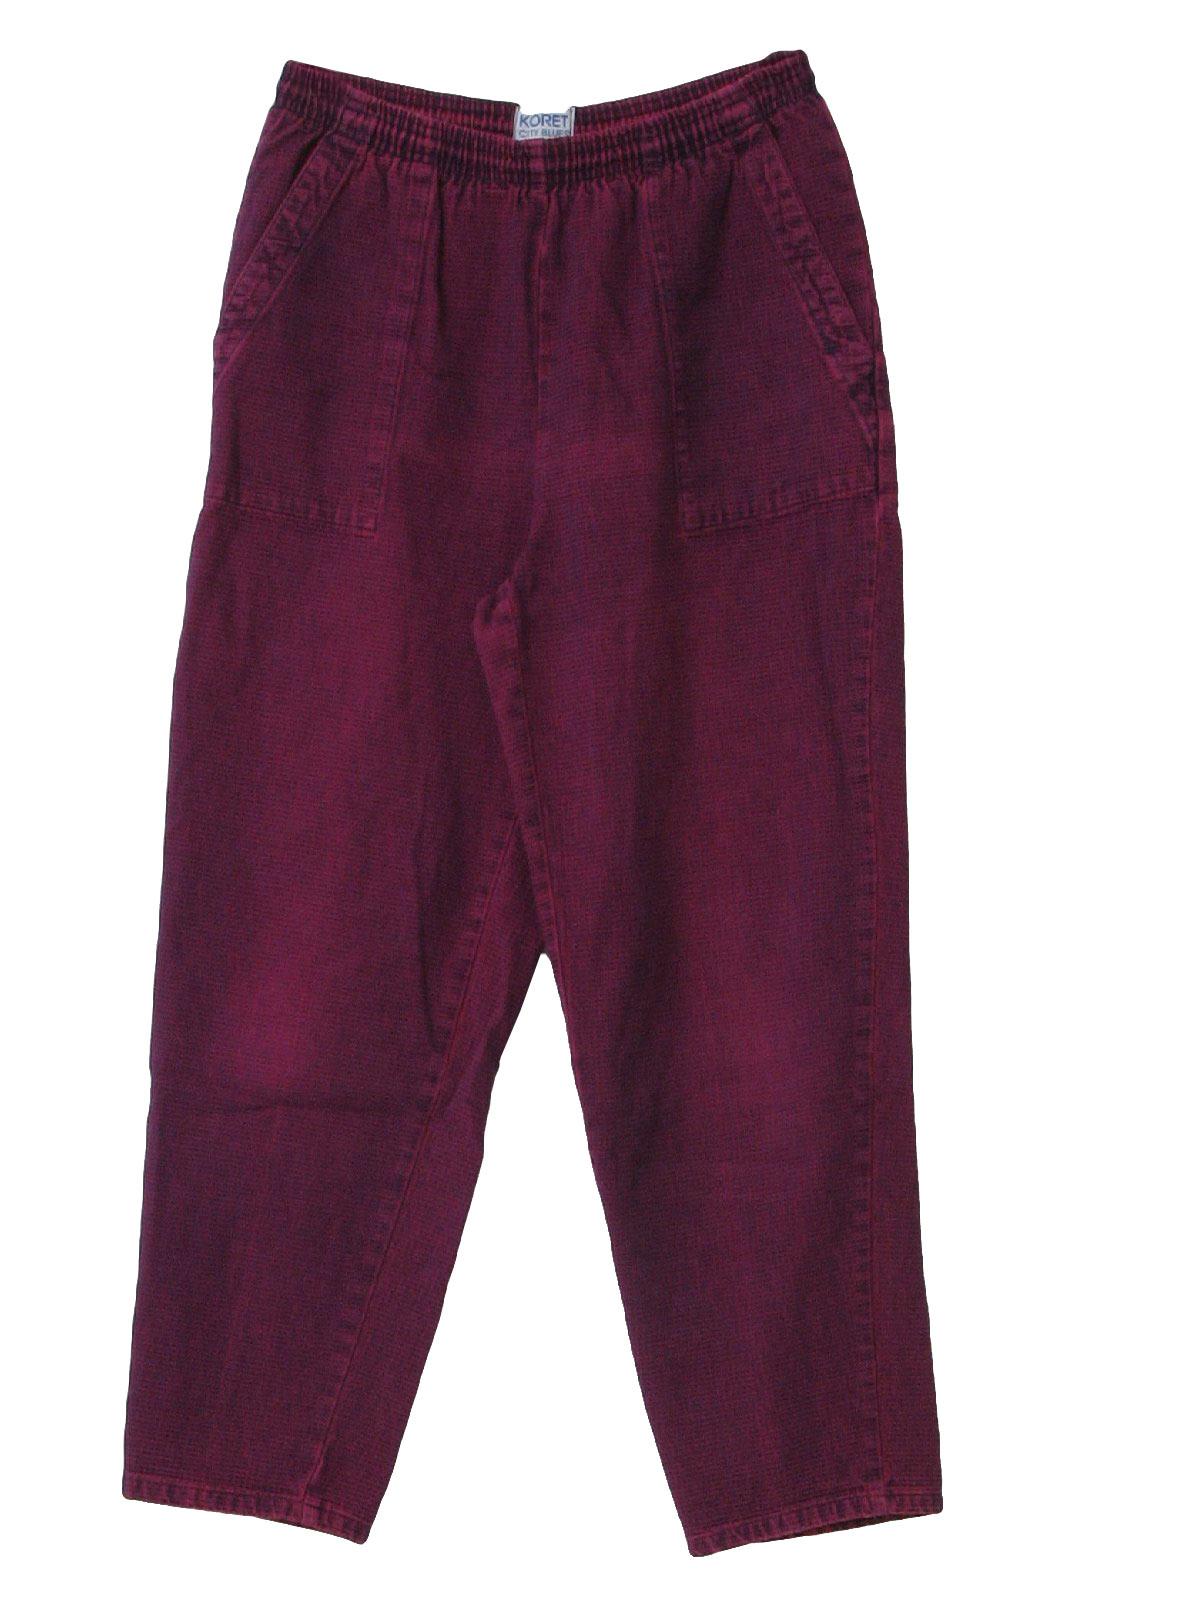 KORET Women's WHITE Polyester PANTS